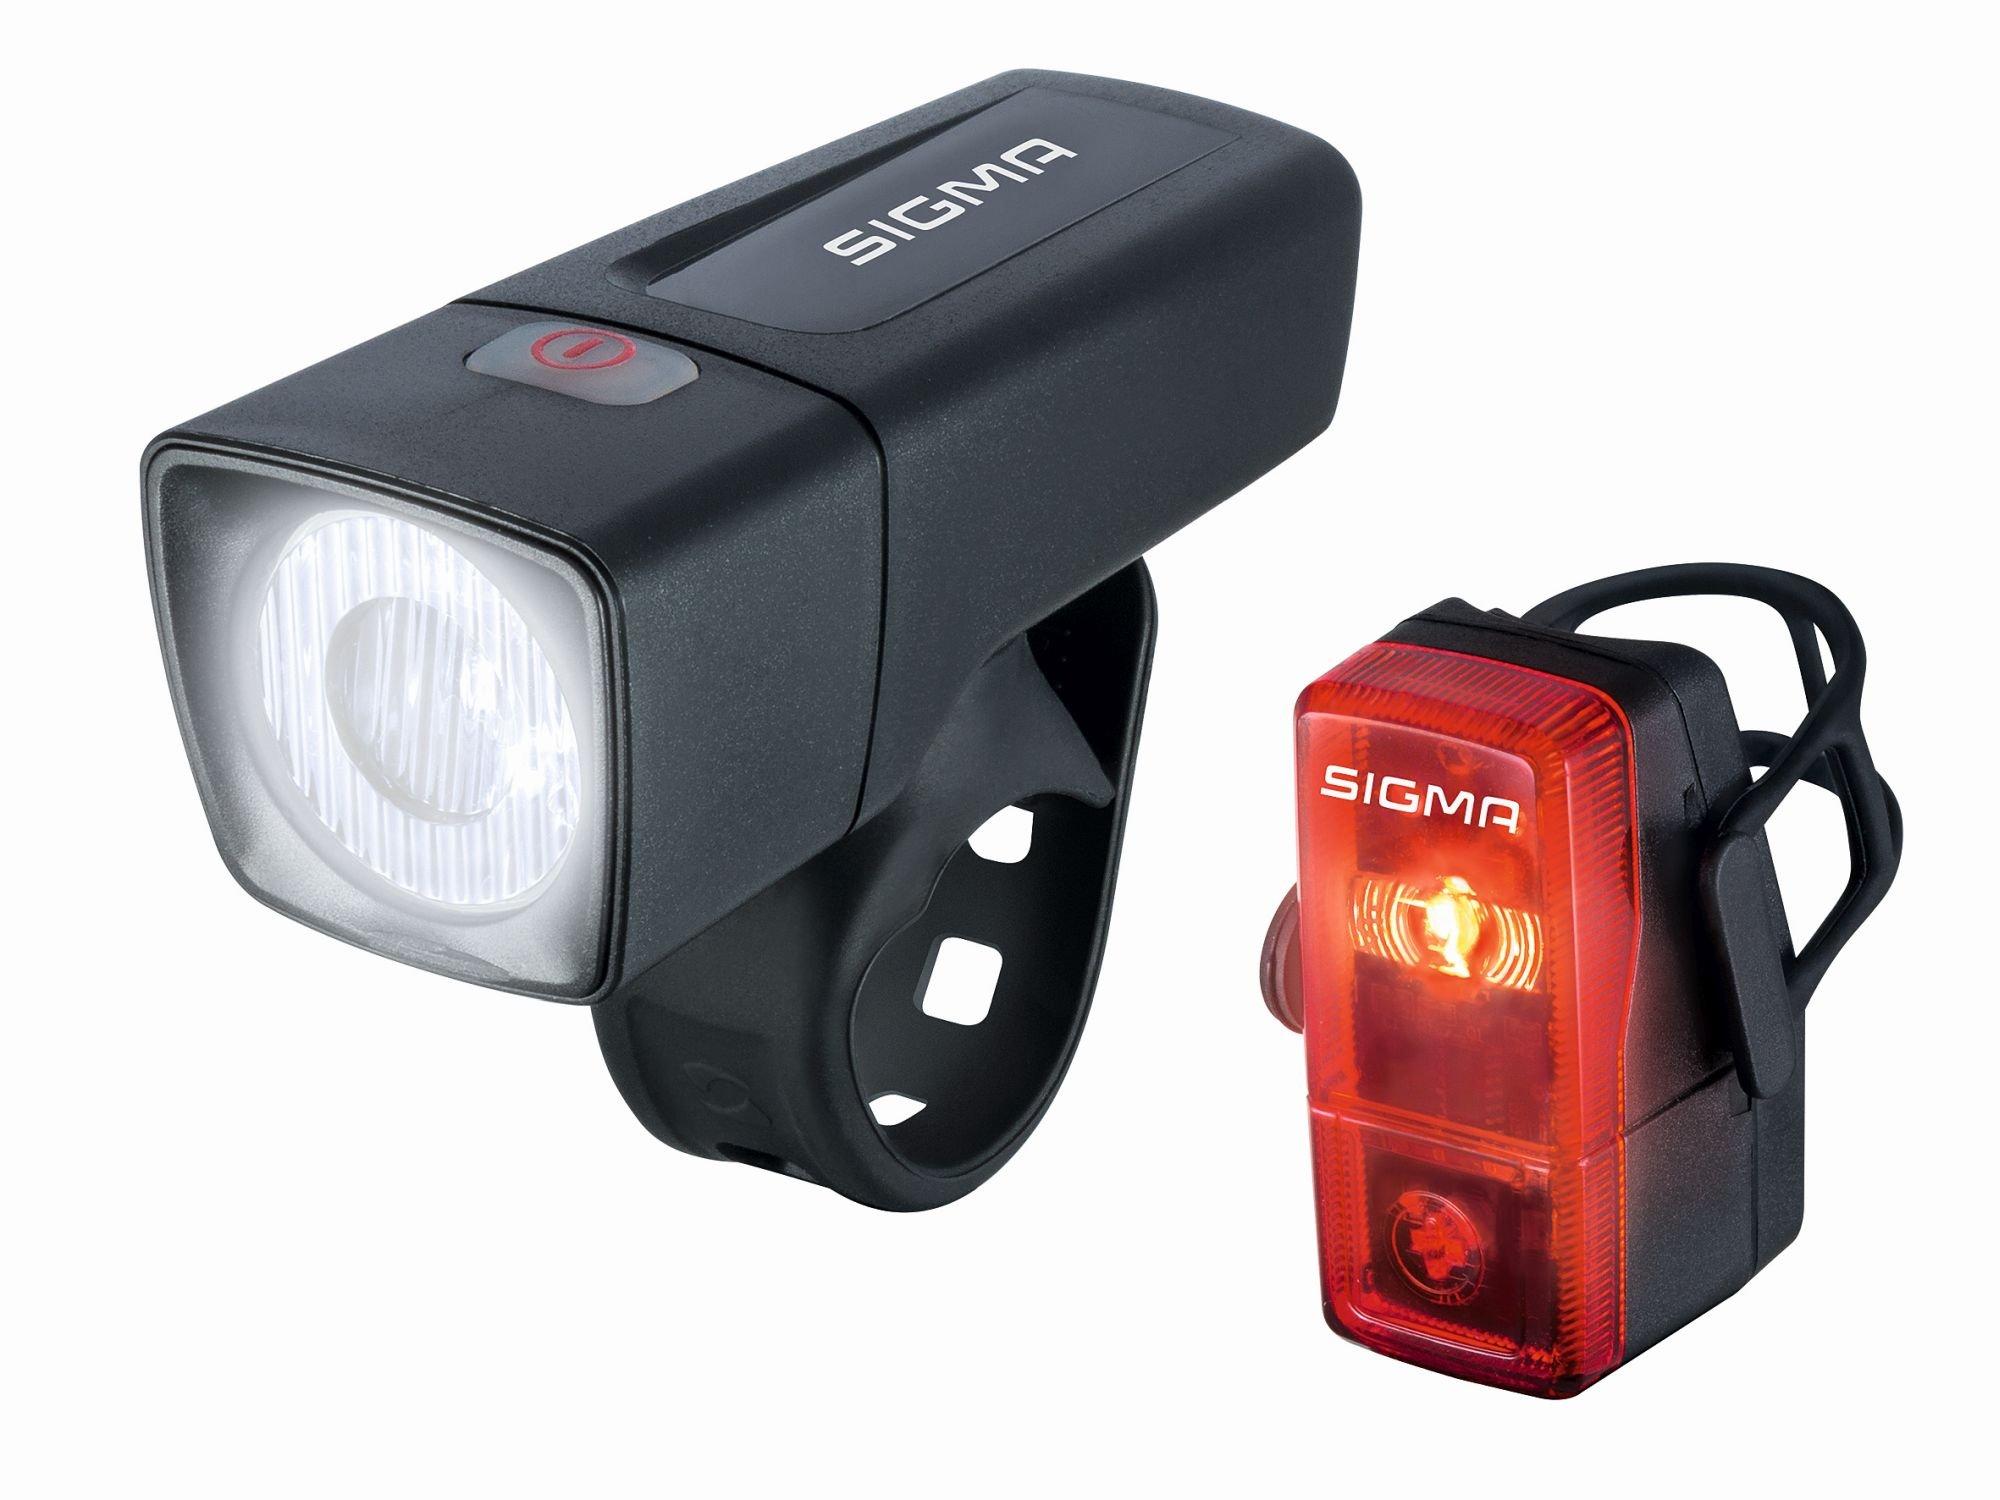 batterielicht vorne/Beleuchtung: Sigma  Beleuchtungsset Aura 25 + Cubic